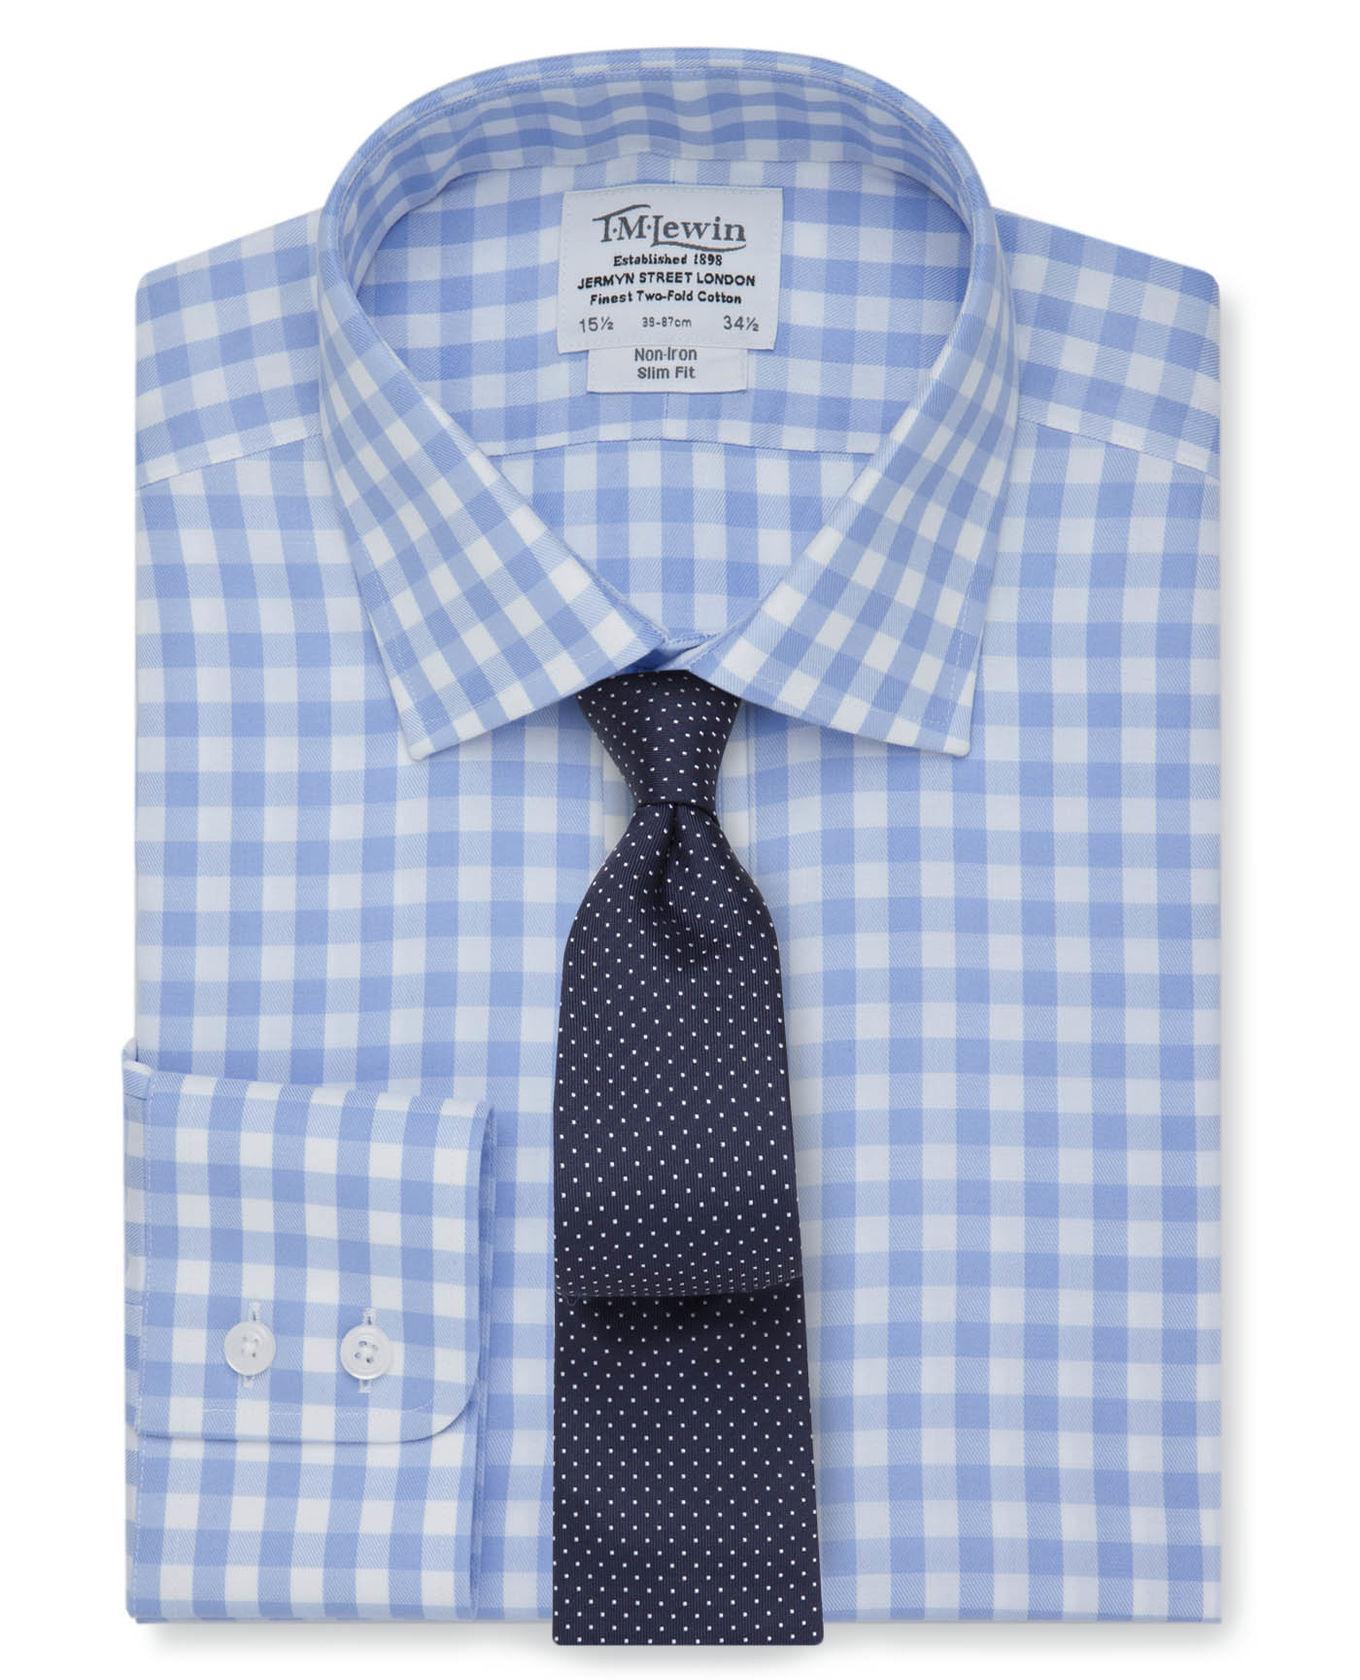 T.M. Lewin Men's Dress Shirts (Various Colors/Styles) $29.95